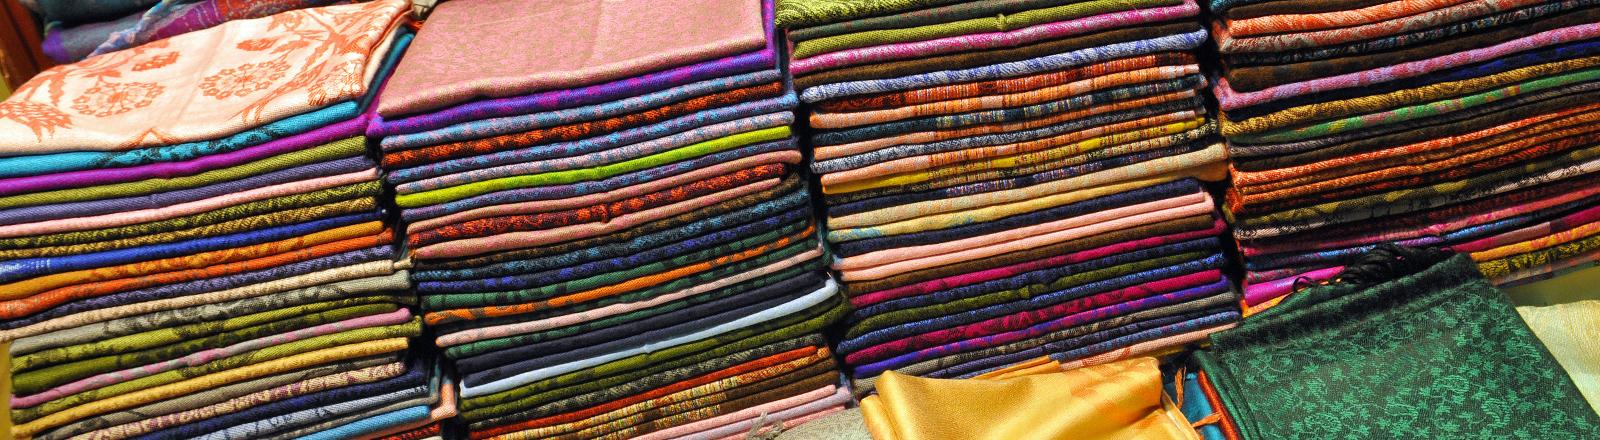 Auslagen in einem Geschäft für Tücher und Schals, aufgenommen am 19.10.2013 im Großen Basar von Istanbul